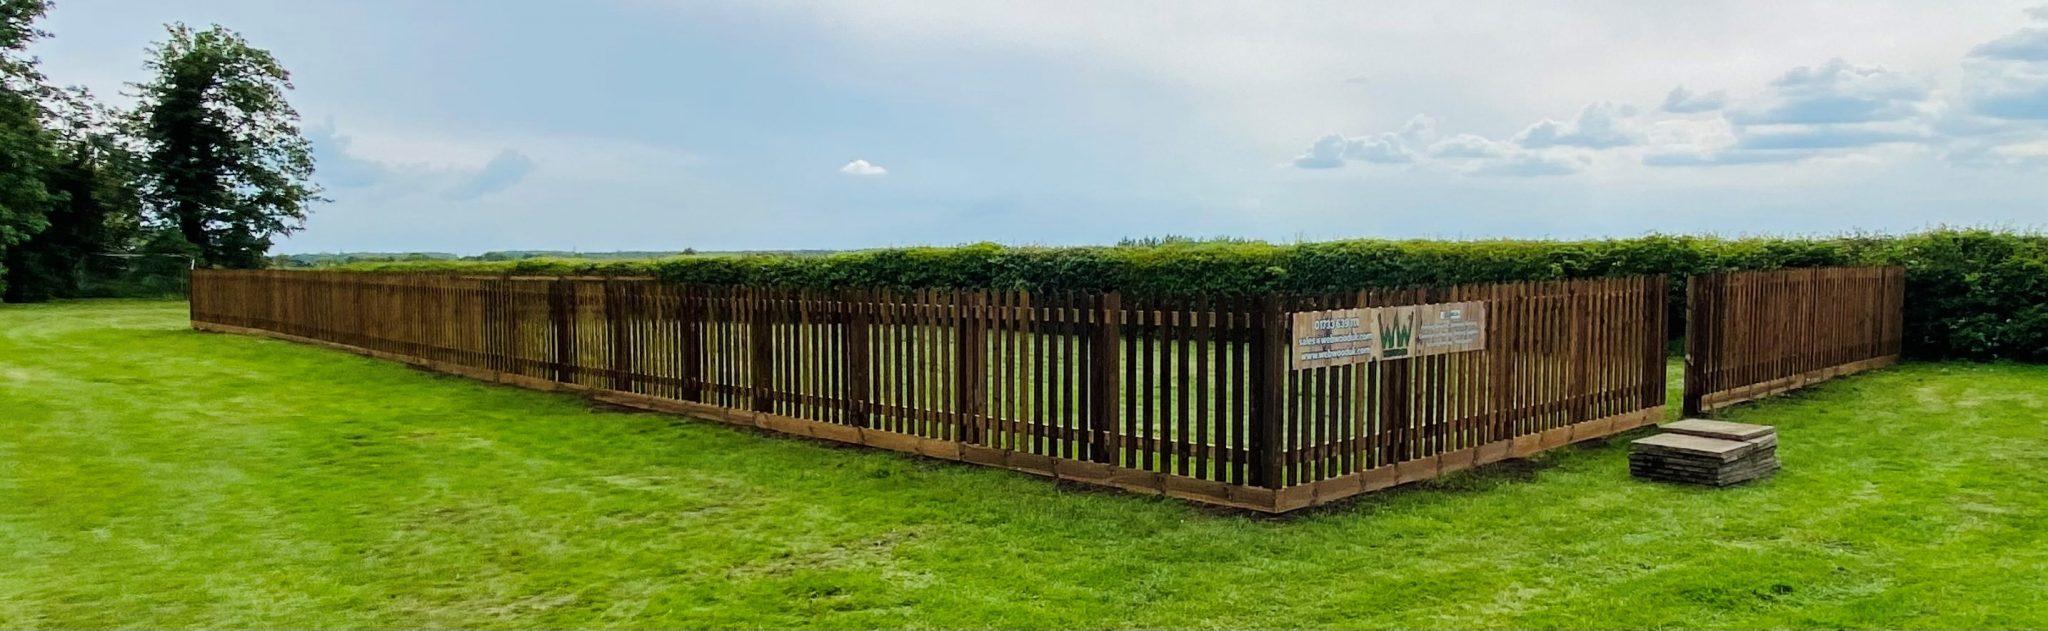 picket fencing enclosure for pub 1